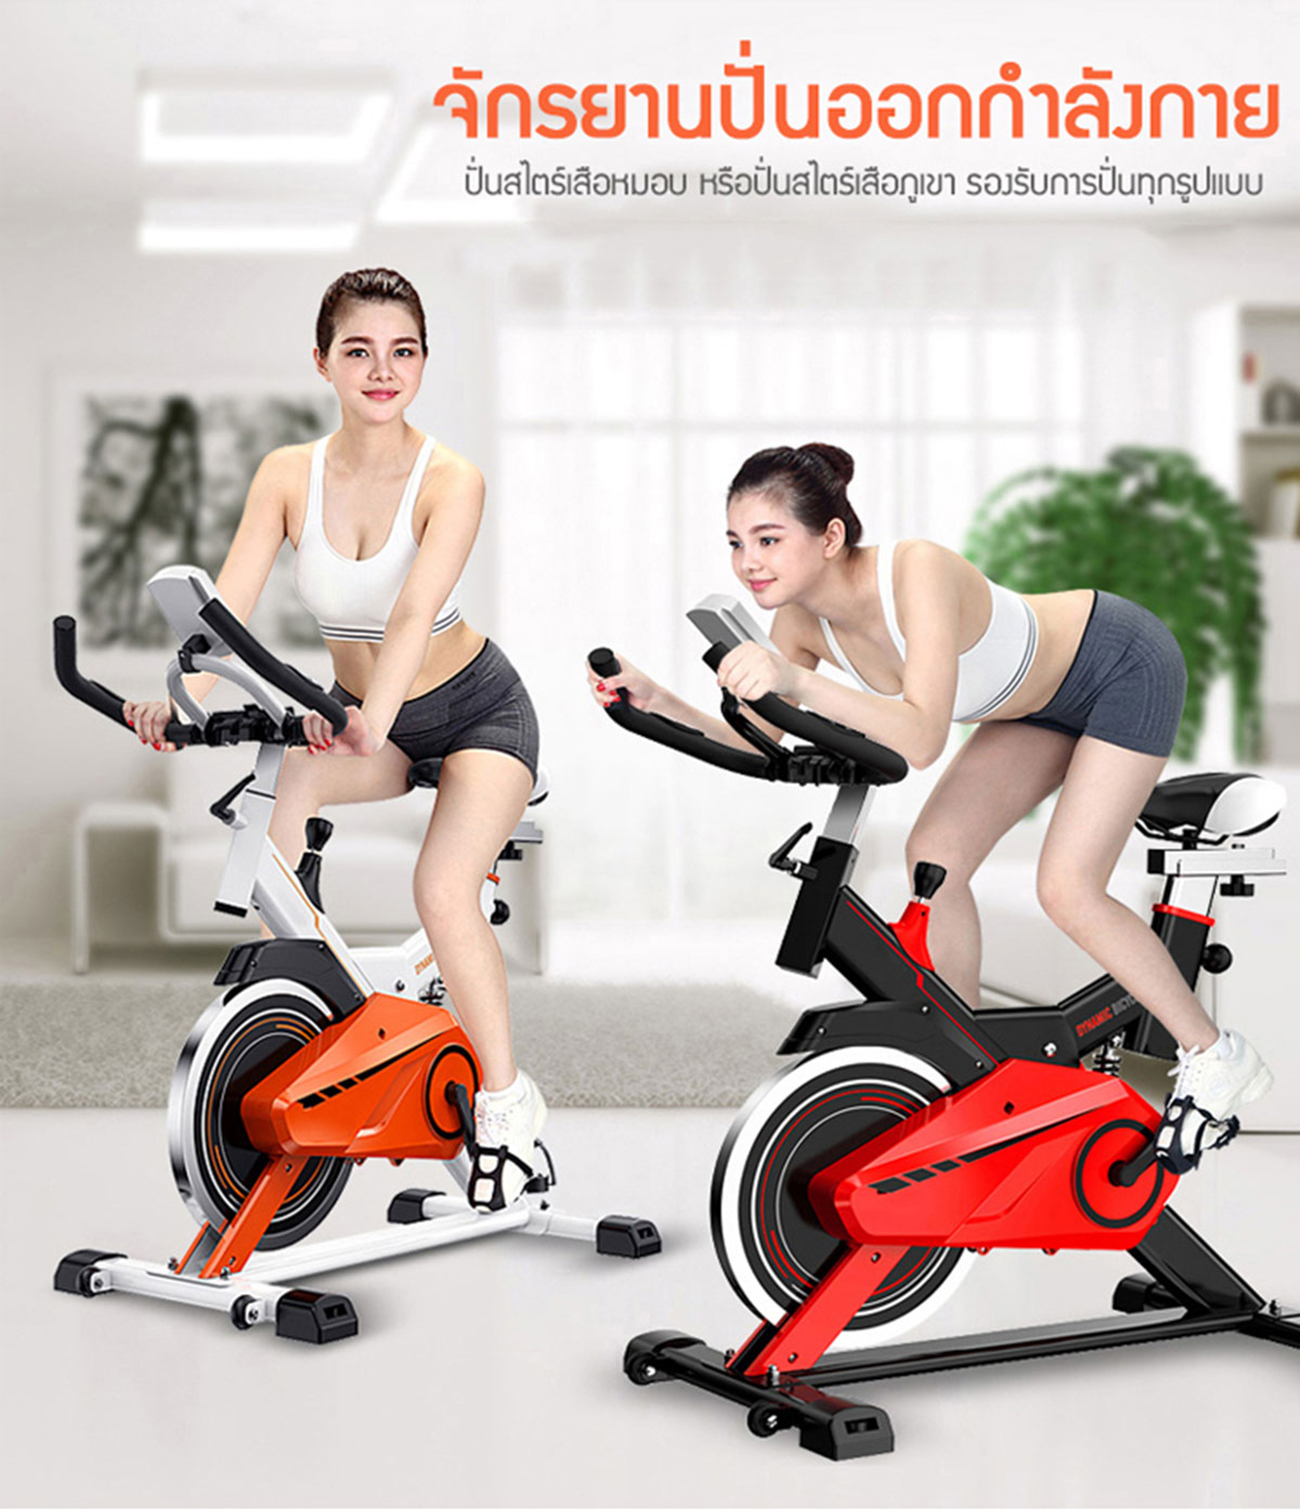 จักรยานนั่งปั่นออกกำลังกาย x-sport รุ่น JTS615 สีดำ-แดง